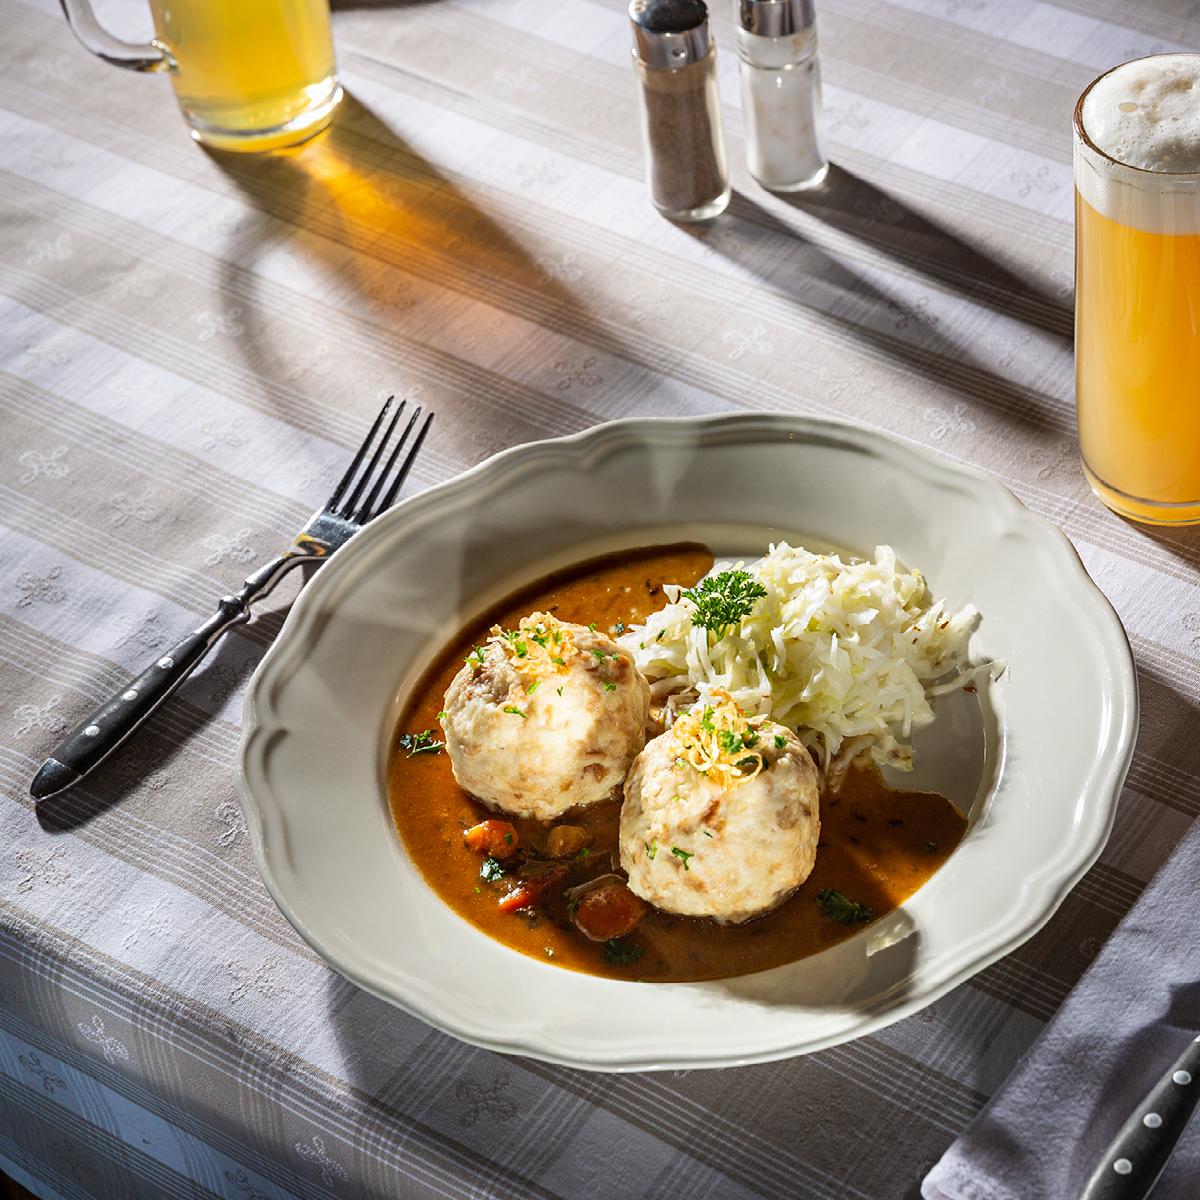 Das Bild zeigt ein appetitliches Fleischgericht mit Semmelknödeln und Kraut.